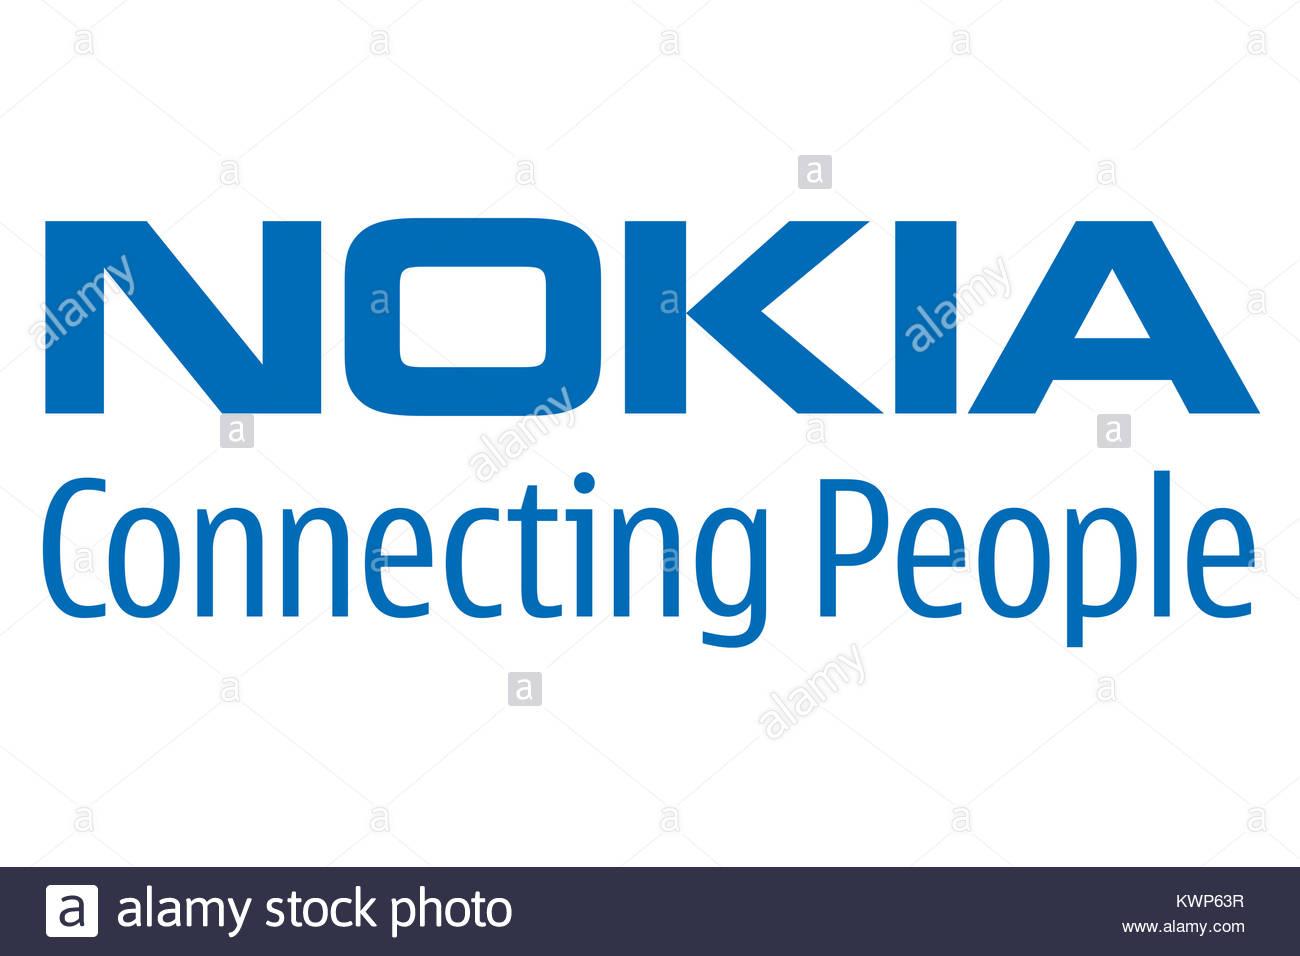 Nokia logo stock photos nokia logo stock images alamy nokia logo stock image biocorpaavc Choice Image